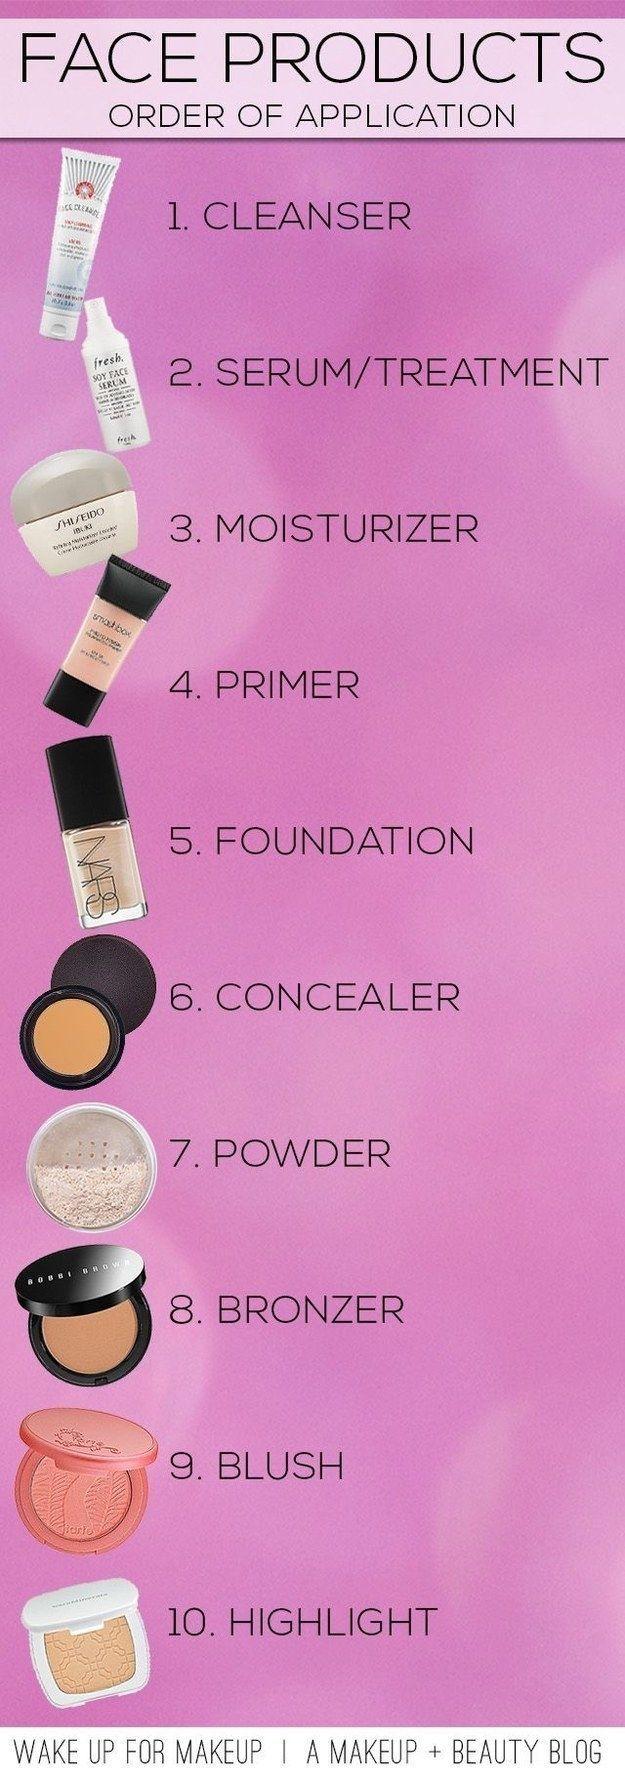 Sobald Sie sich mit Ihrer Hautpflege vertraut gemacht haben, können Sie sich auf das Make-up konzentrieren